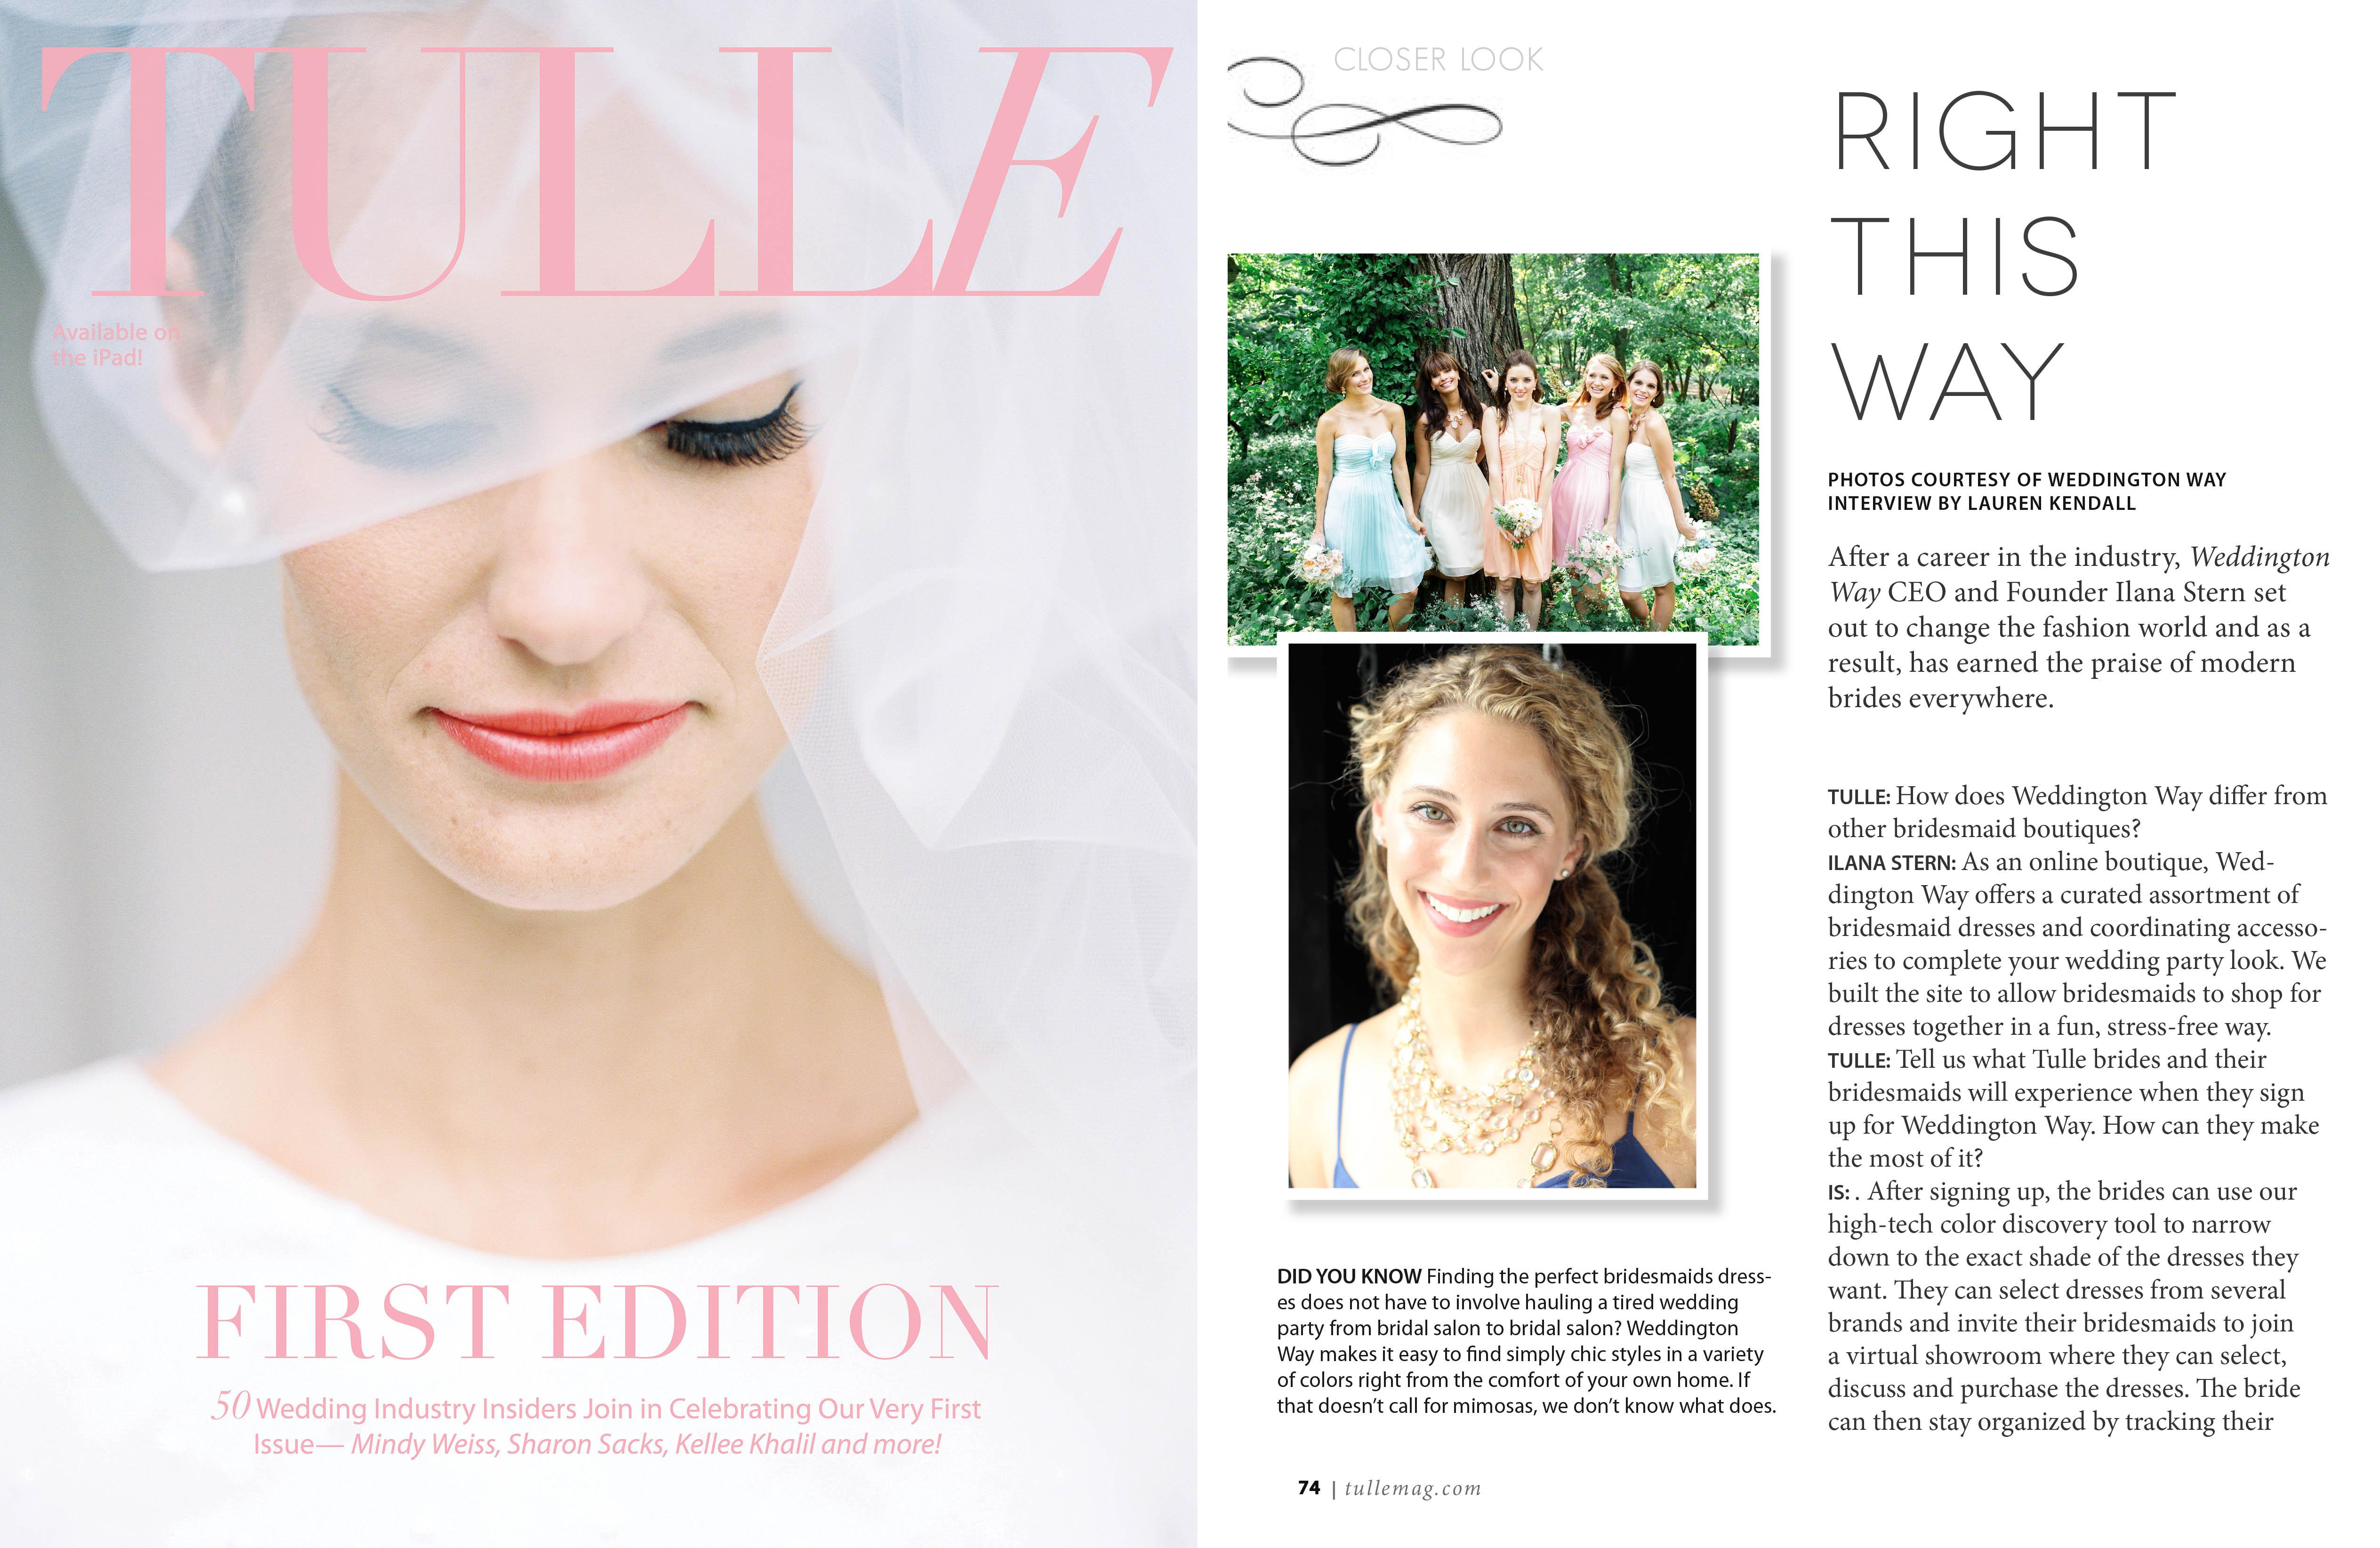 Tulle featured Ilana Stern of Weddington Way. October 2013